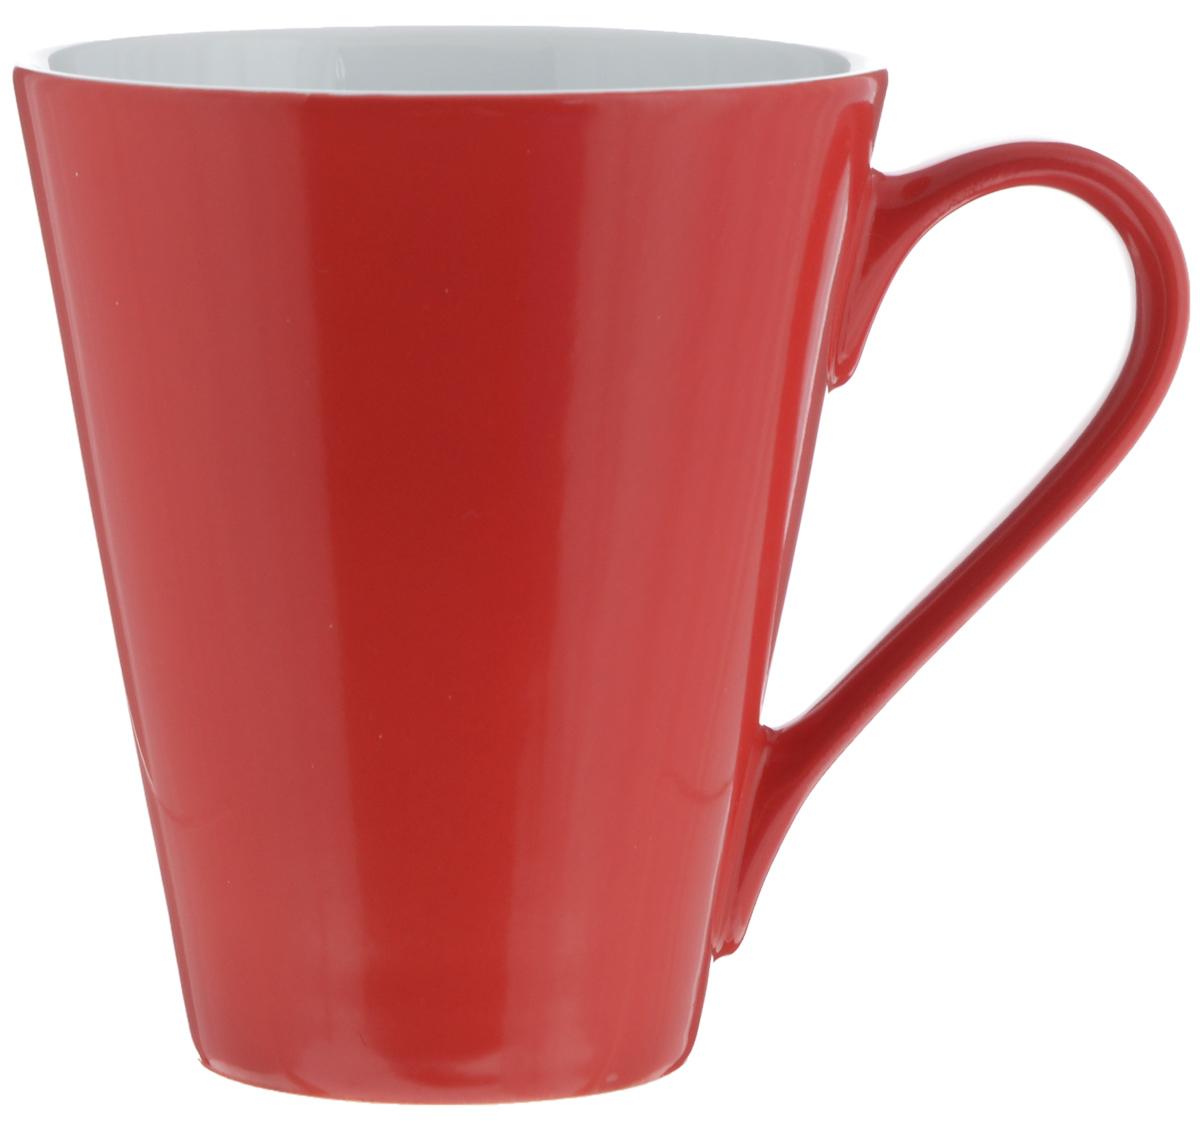 Кружка Yves De La Rosiere Putoisage, цвет: красный, 220 мл115510Кружка Yves De La Rosiere Putoisage изготовлена из высококачественного фарфора и сочетает в себе оригинальный дизайн и функциональность. Такая кружка идеально впишется в интерьер современной кухни, а также станет хорошим и практичным подарком на любой праздник. Диаметр кружки(по верхнему краю): 8,5 см.